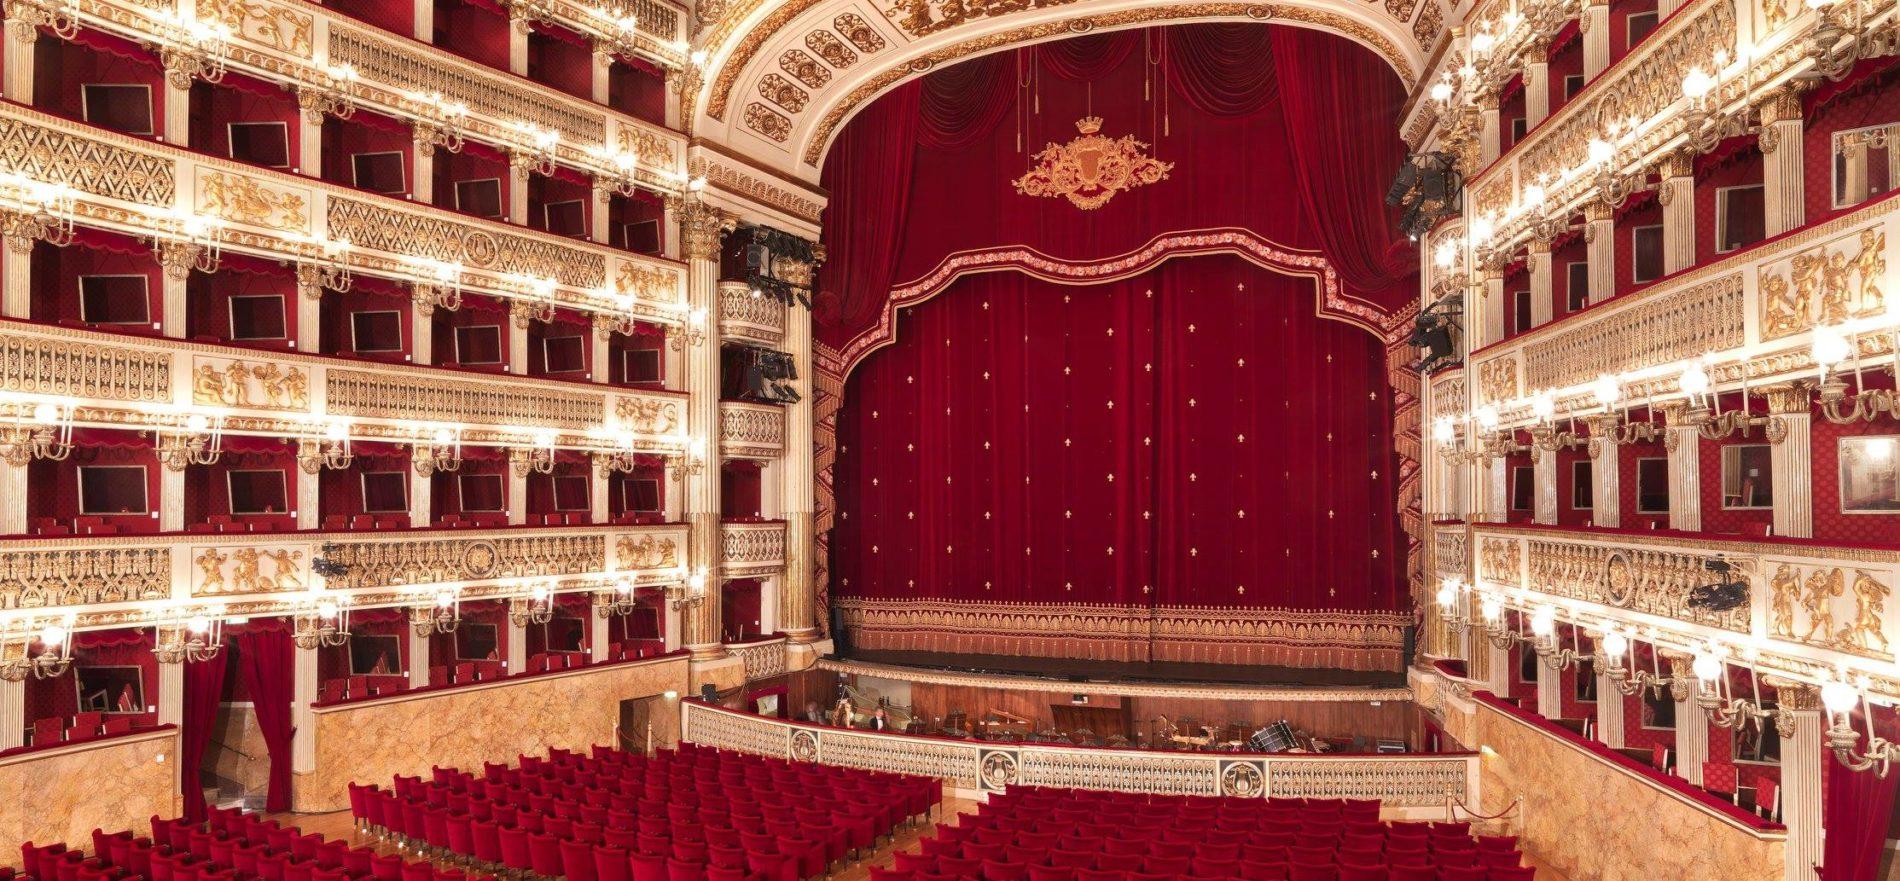 Teatro San Carlo: prezioso gioiello partenopeo